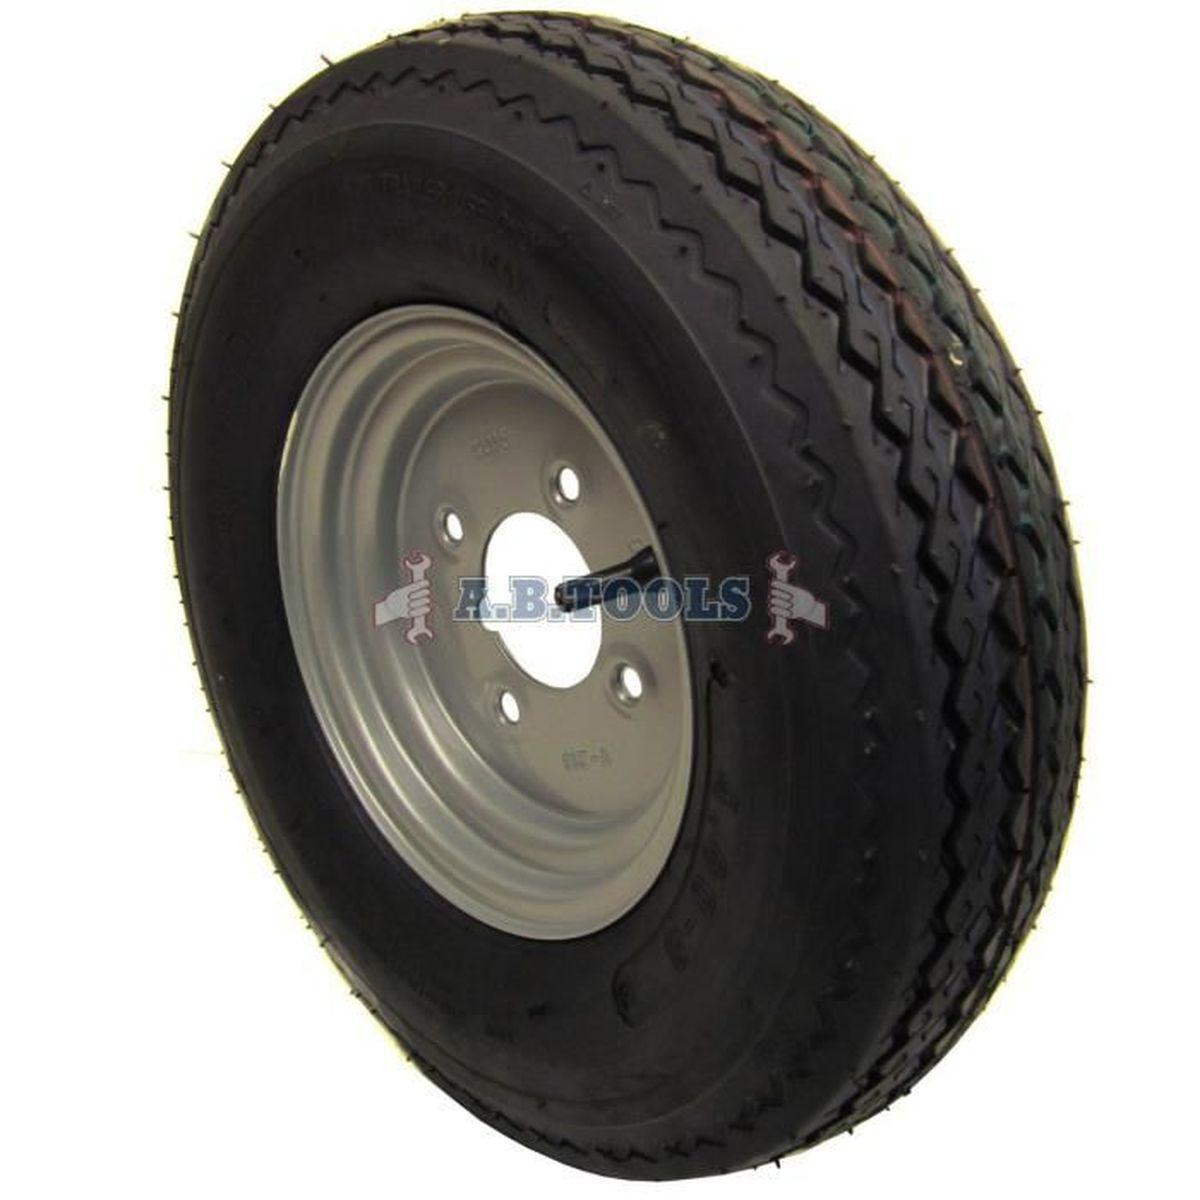 pneu pour remorque achat vente pneu pour remorque pas cher les soldes sur cdiscount. Black Bedroom Furniture Sets. Home Design Ideas